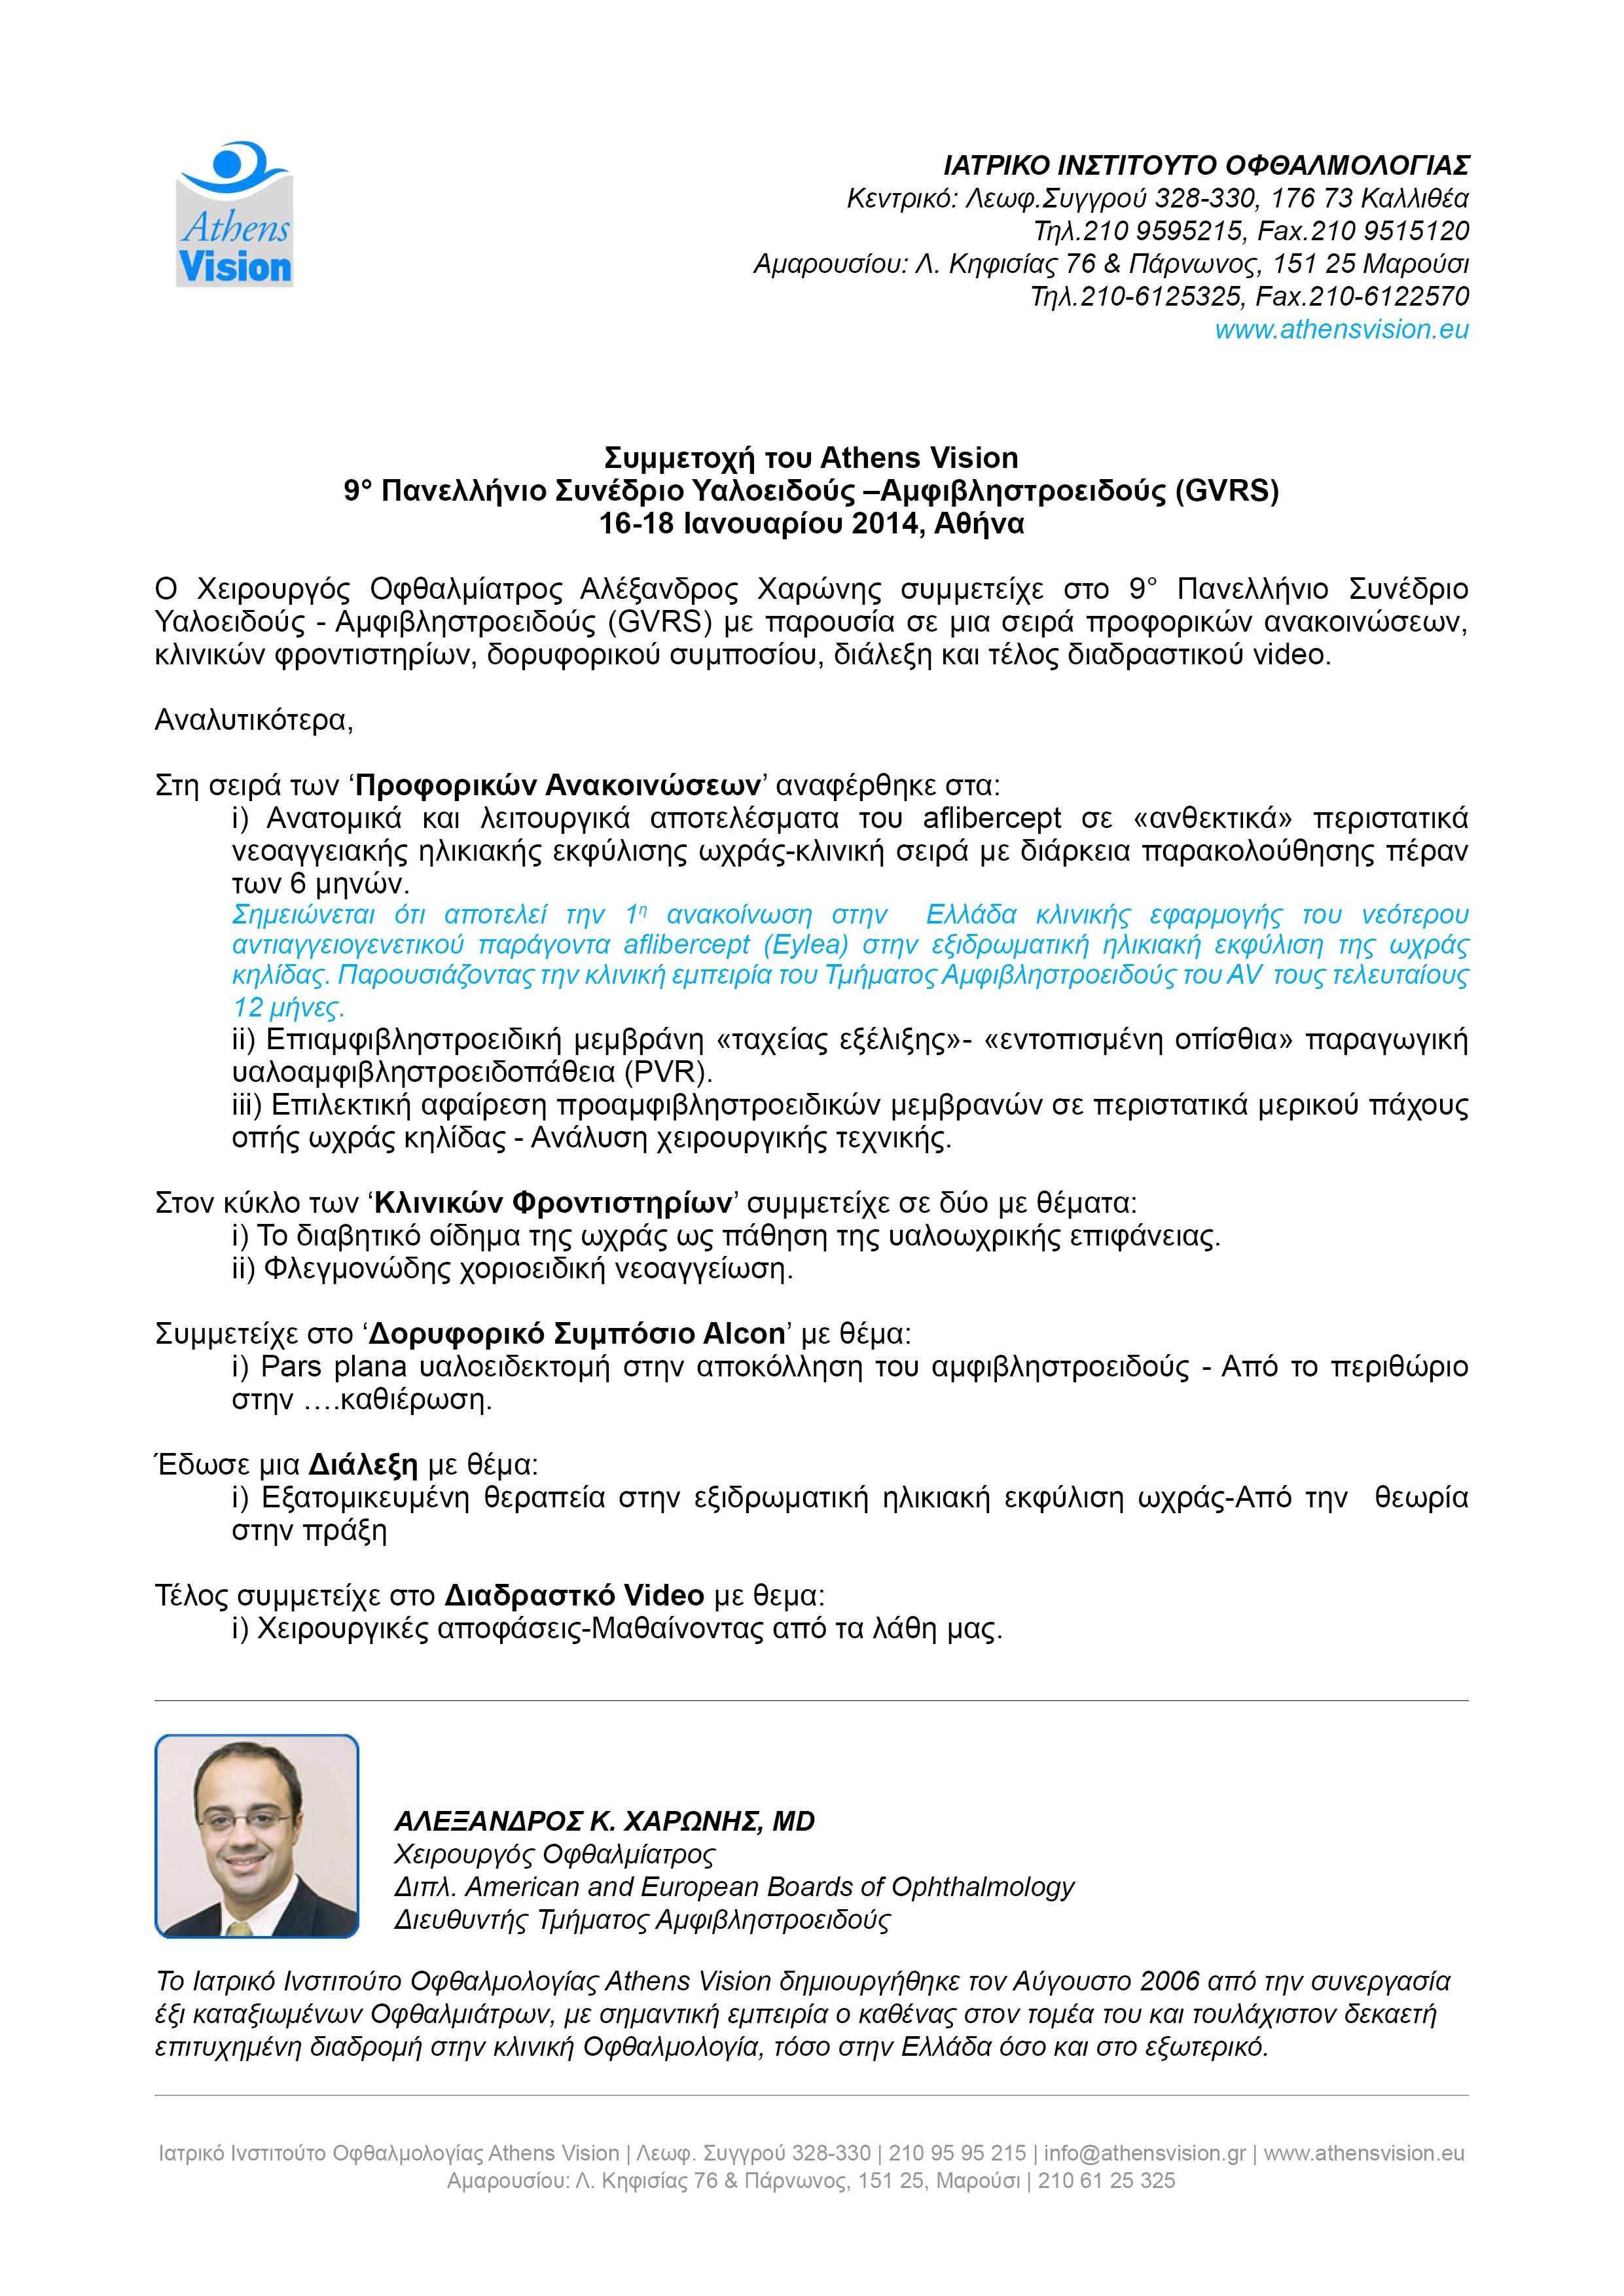 Ομιλία του Αλέξανδρου Χαρώνη στη Λευκωσία